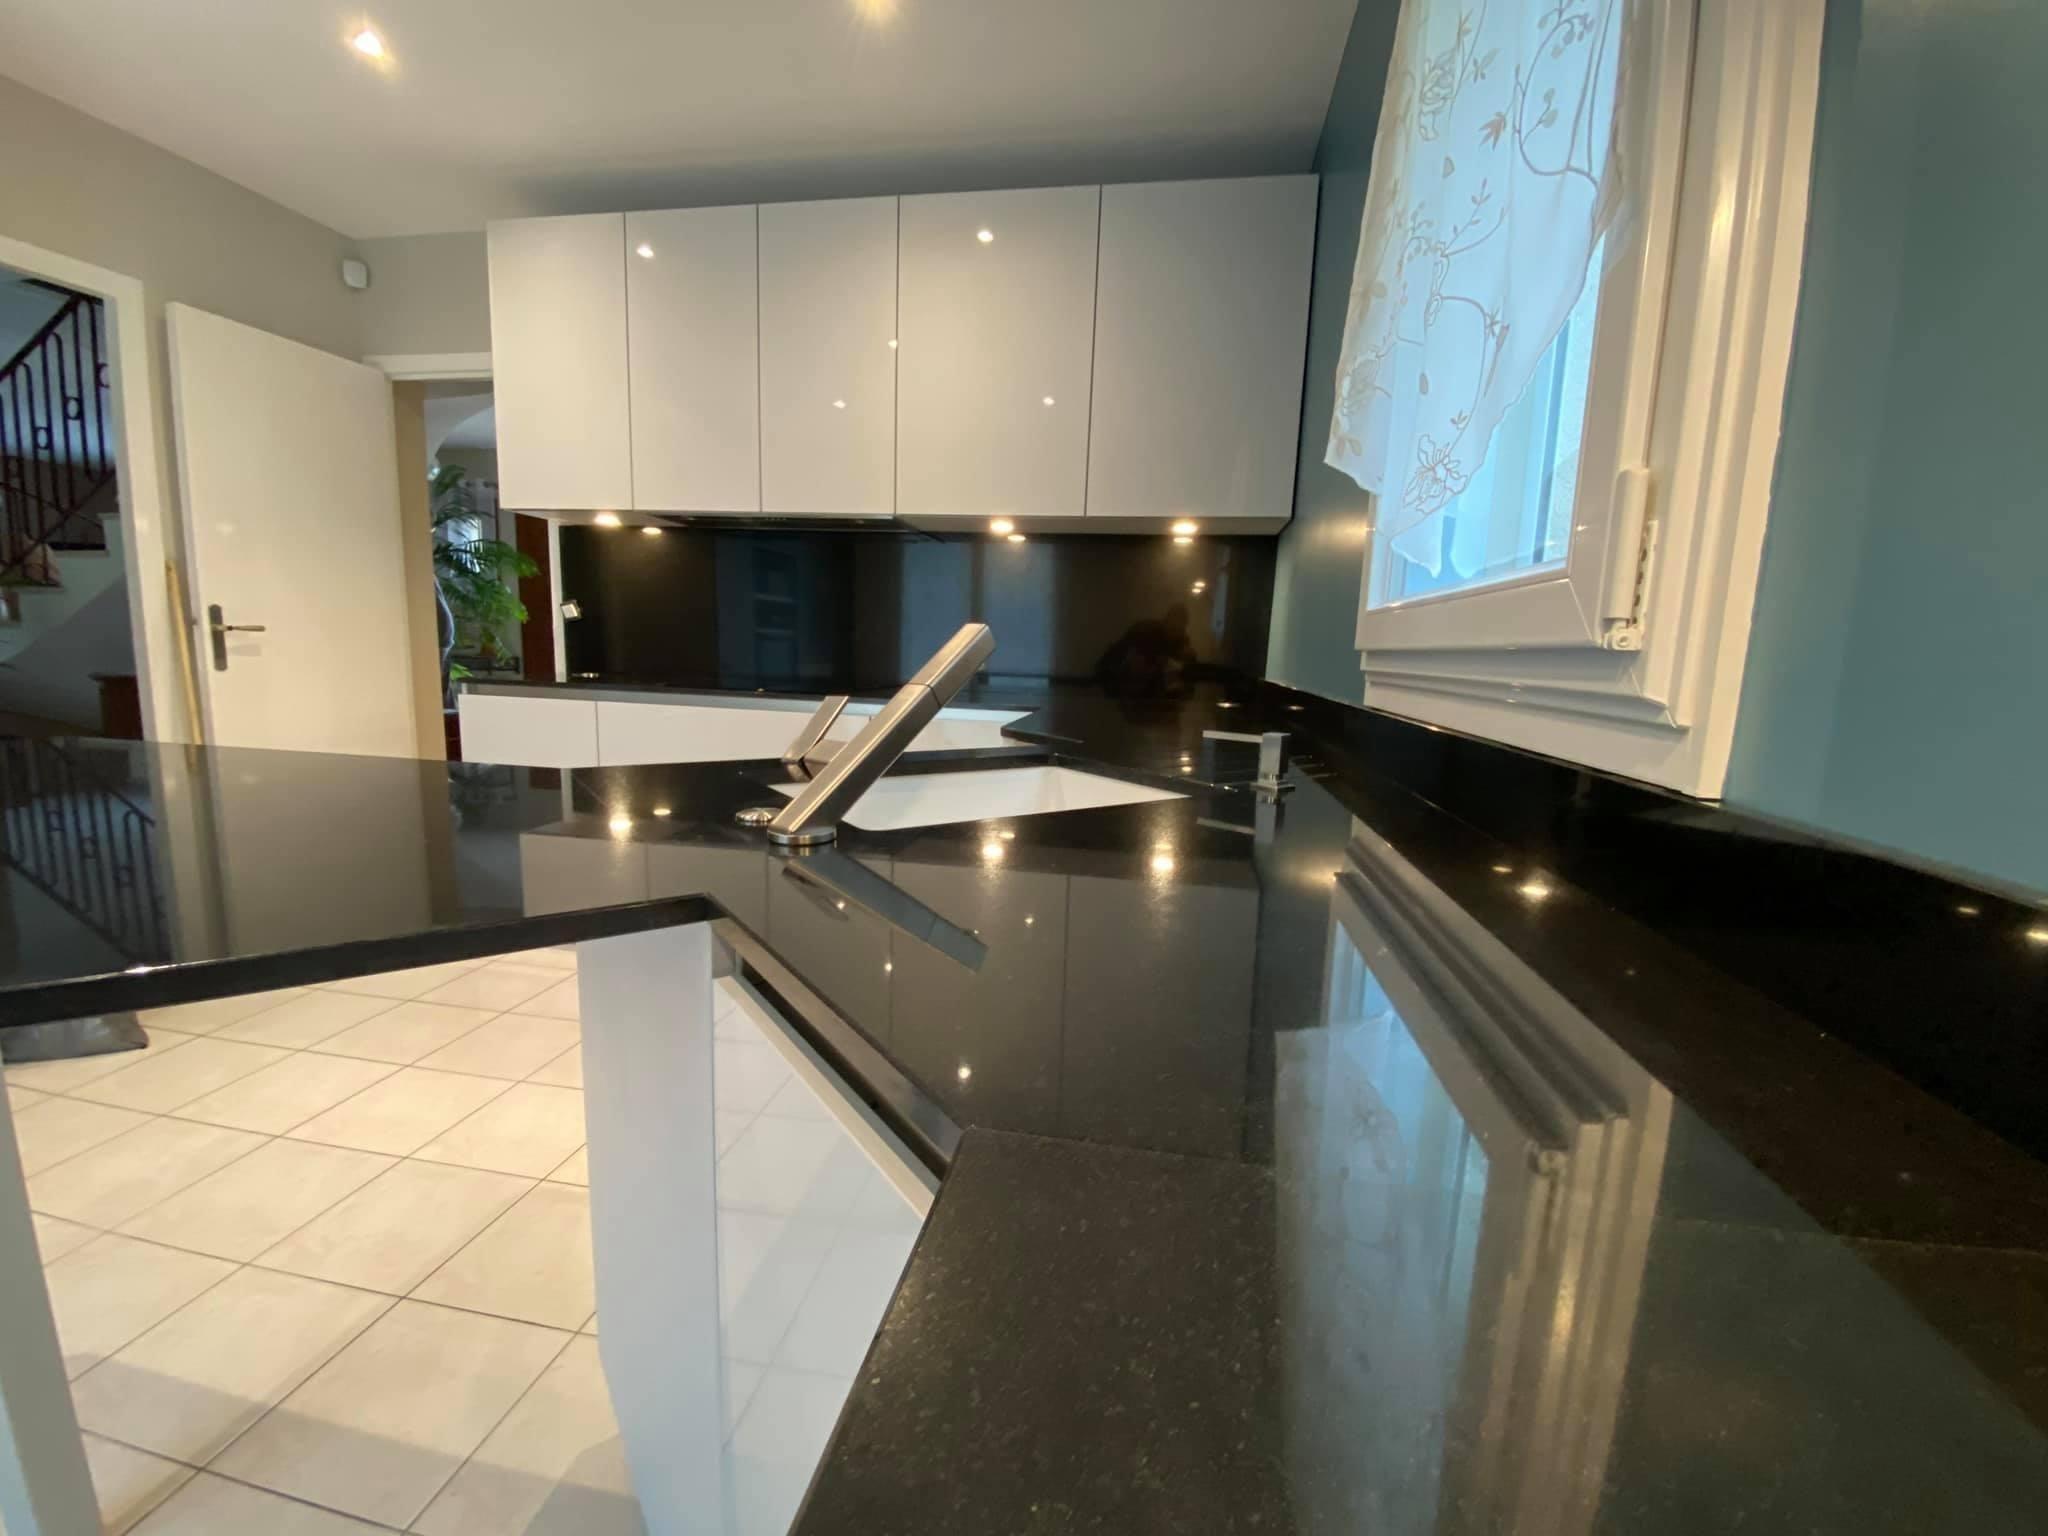 Plan-travail-cuisine-sur-mesure-marbrerie-granit-STC-Paris